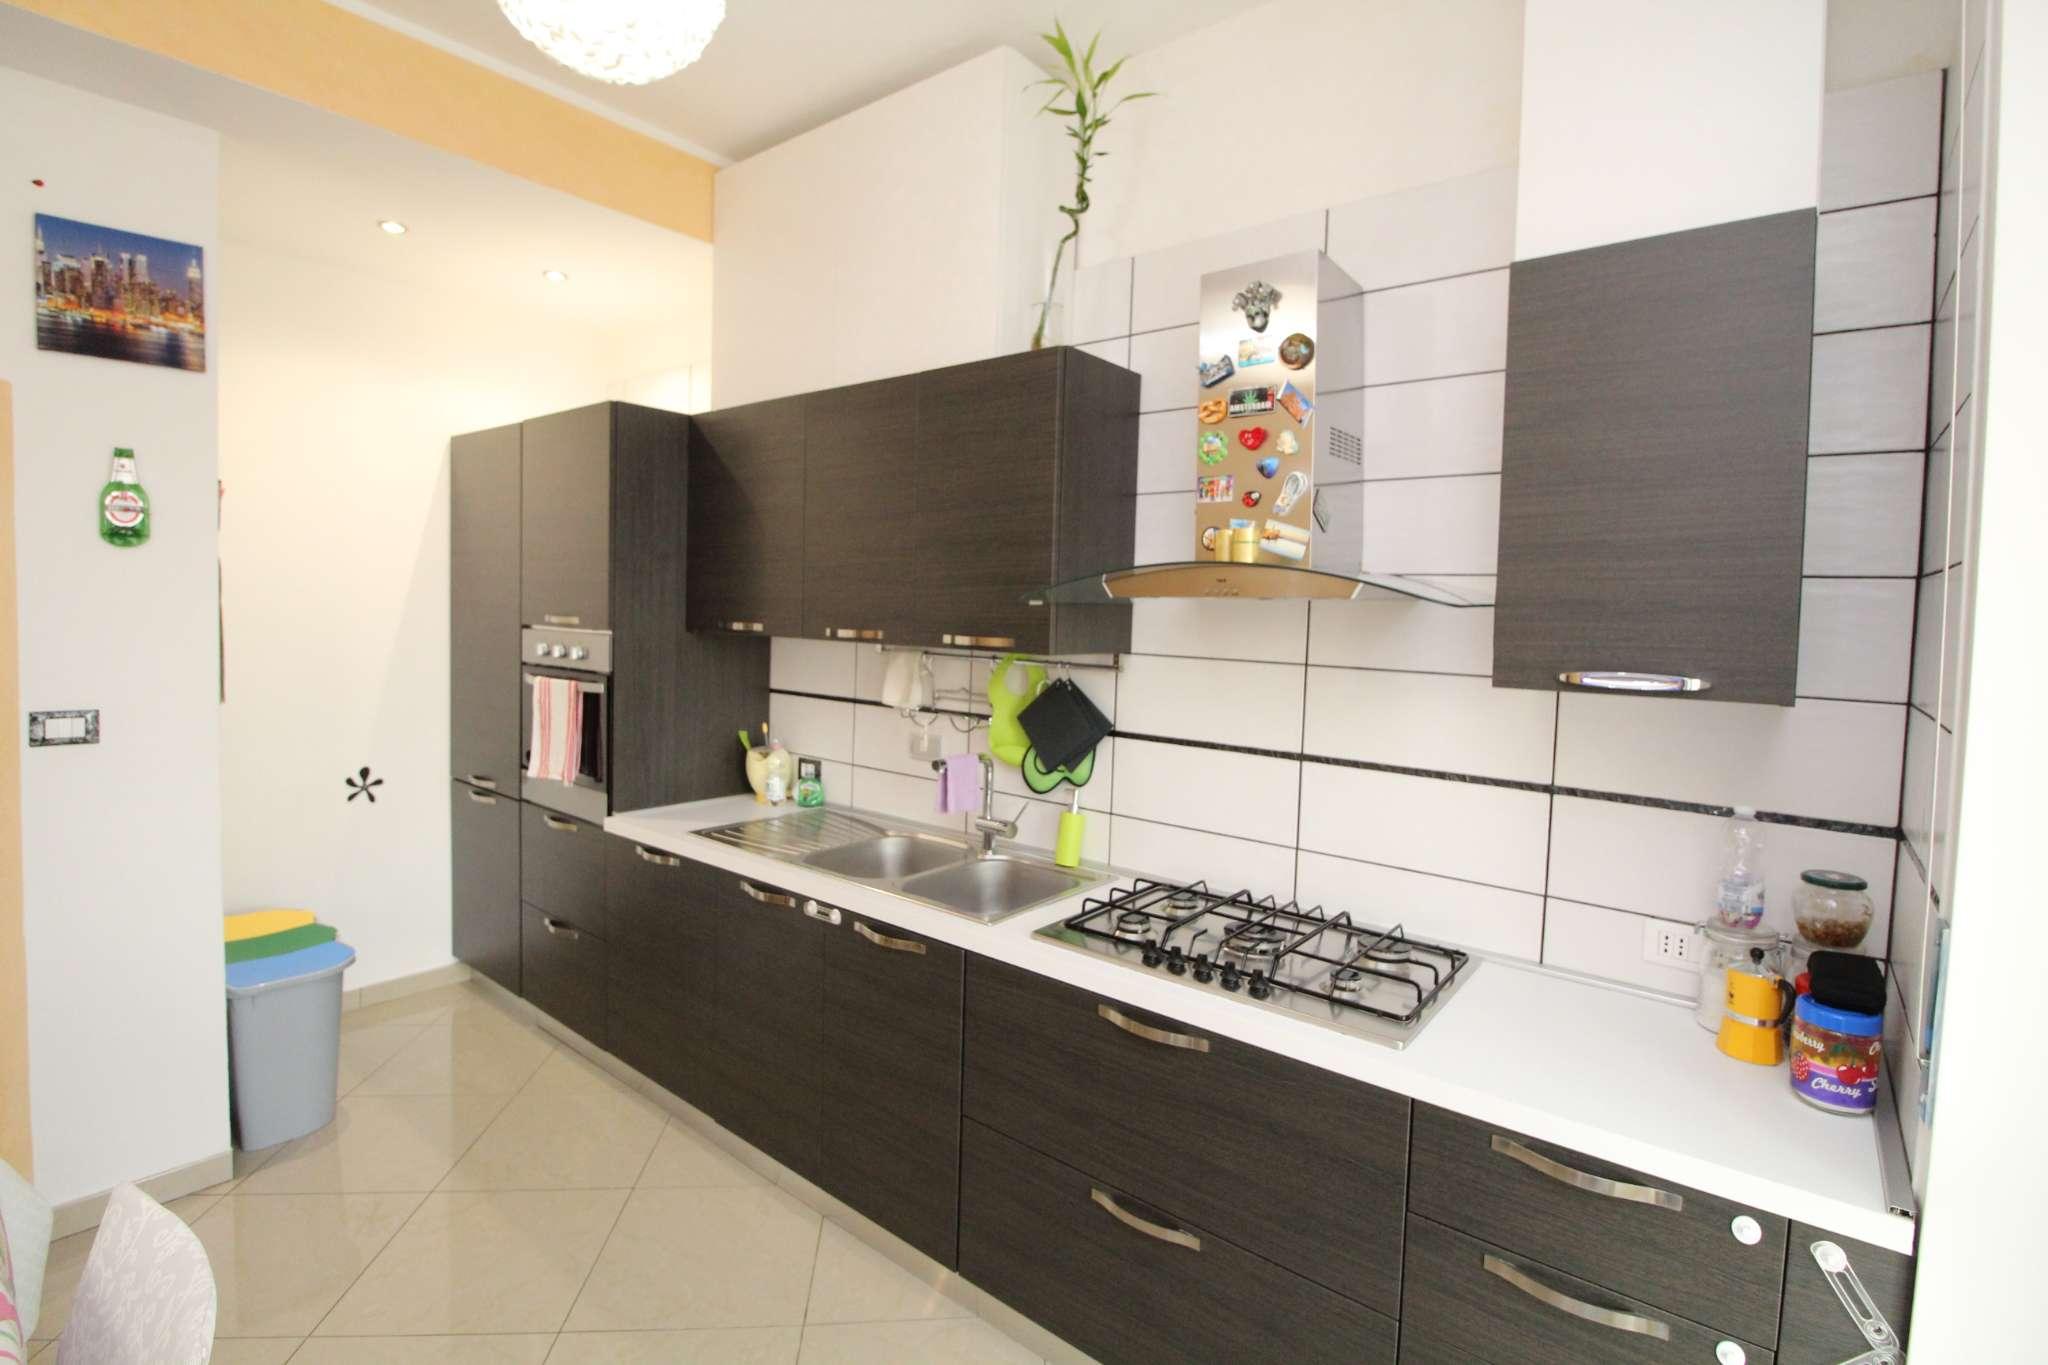 Appartamento in vendita a Vinovo, 3 locali, prezzo € 104.000 | CambioCasa.it